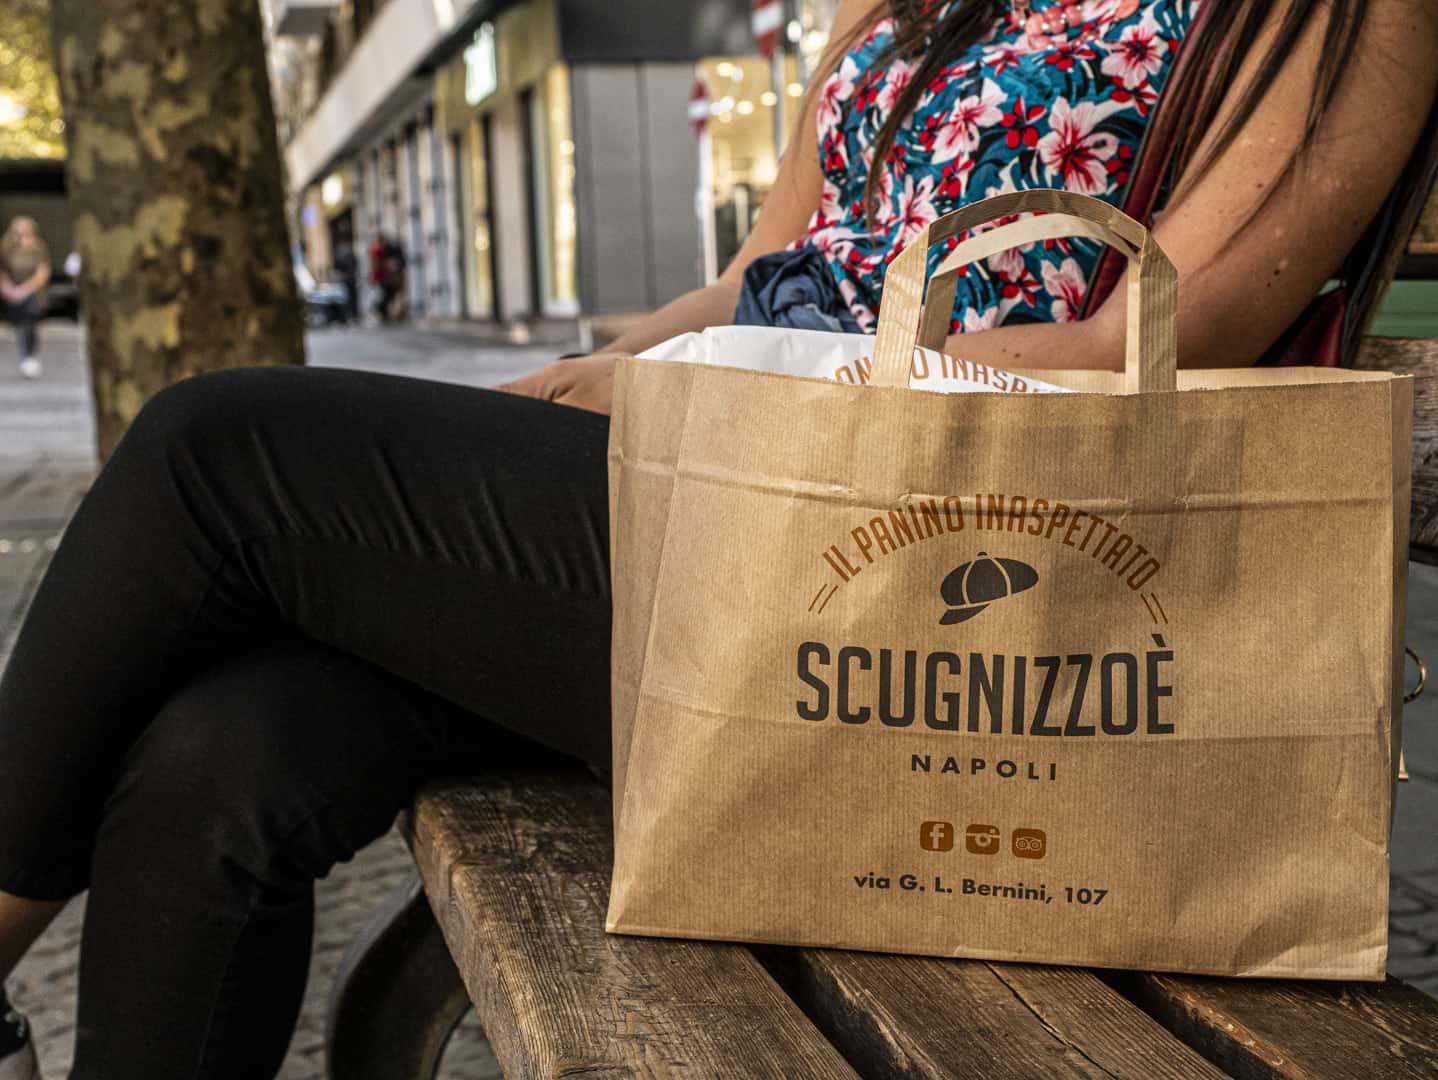 Scugnizzoè - Fotografia pubblicitaria e contenuti digitali by DelfiAdv